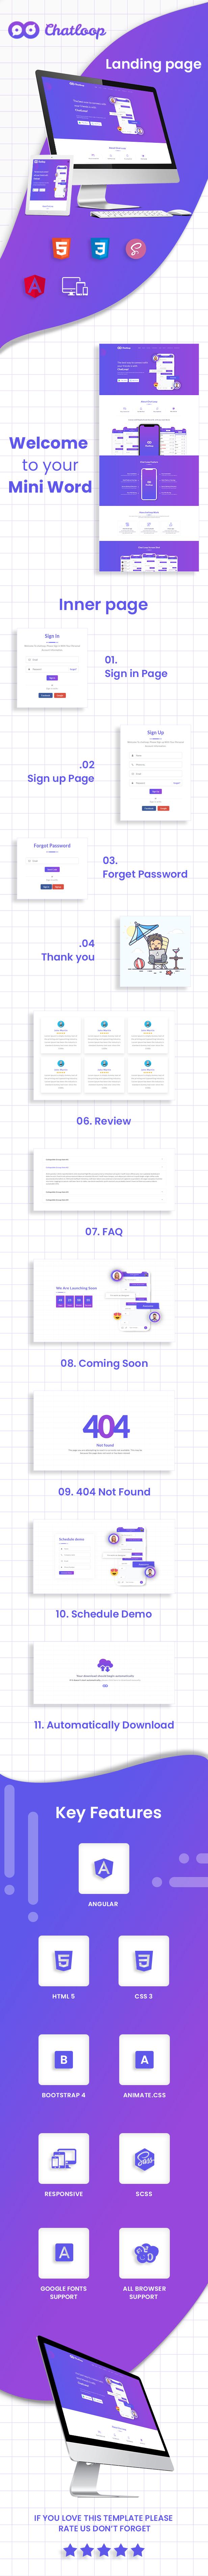 Chatloop app landing page